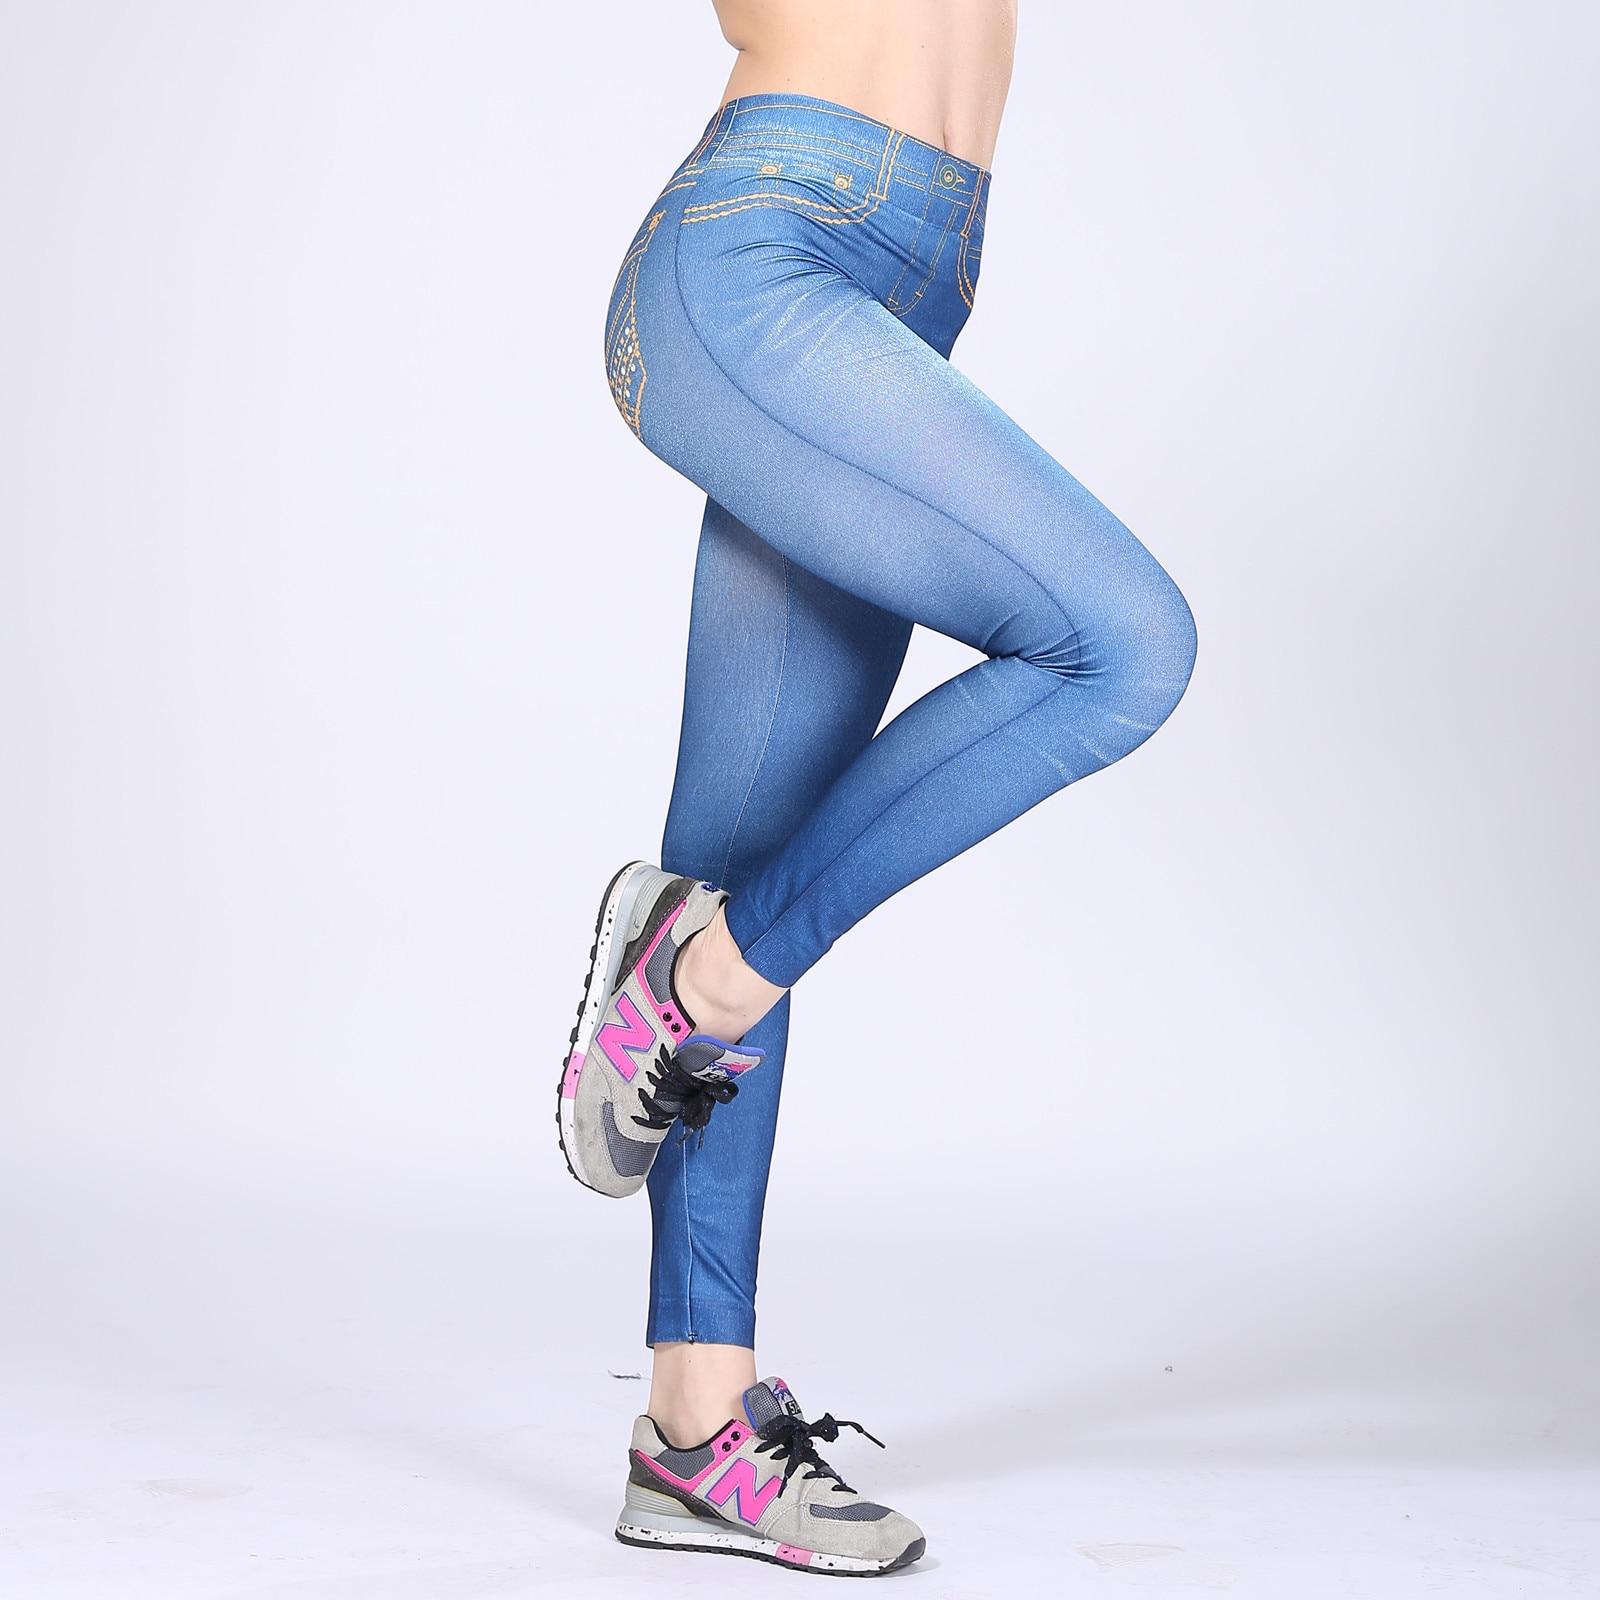 Analytisch Faux Denim Jeans Leggings Gelbe Linie Print Leggings Frauen Nachahmung Jean Slim Fitness Leggings Elastische Sport Workout Leggins HöChste Bequemlichkeit Leggings